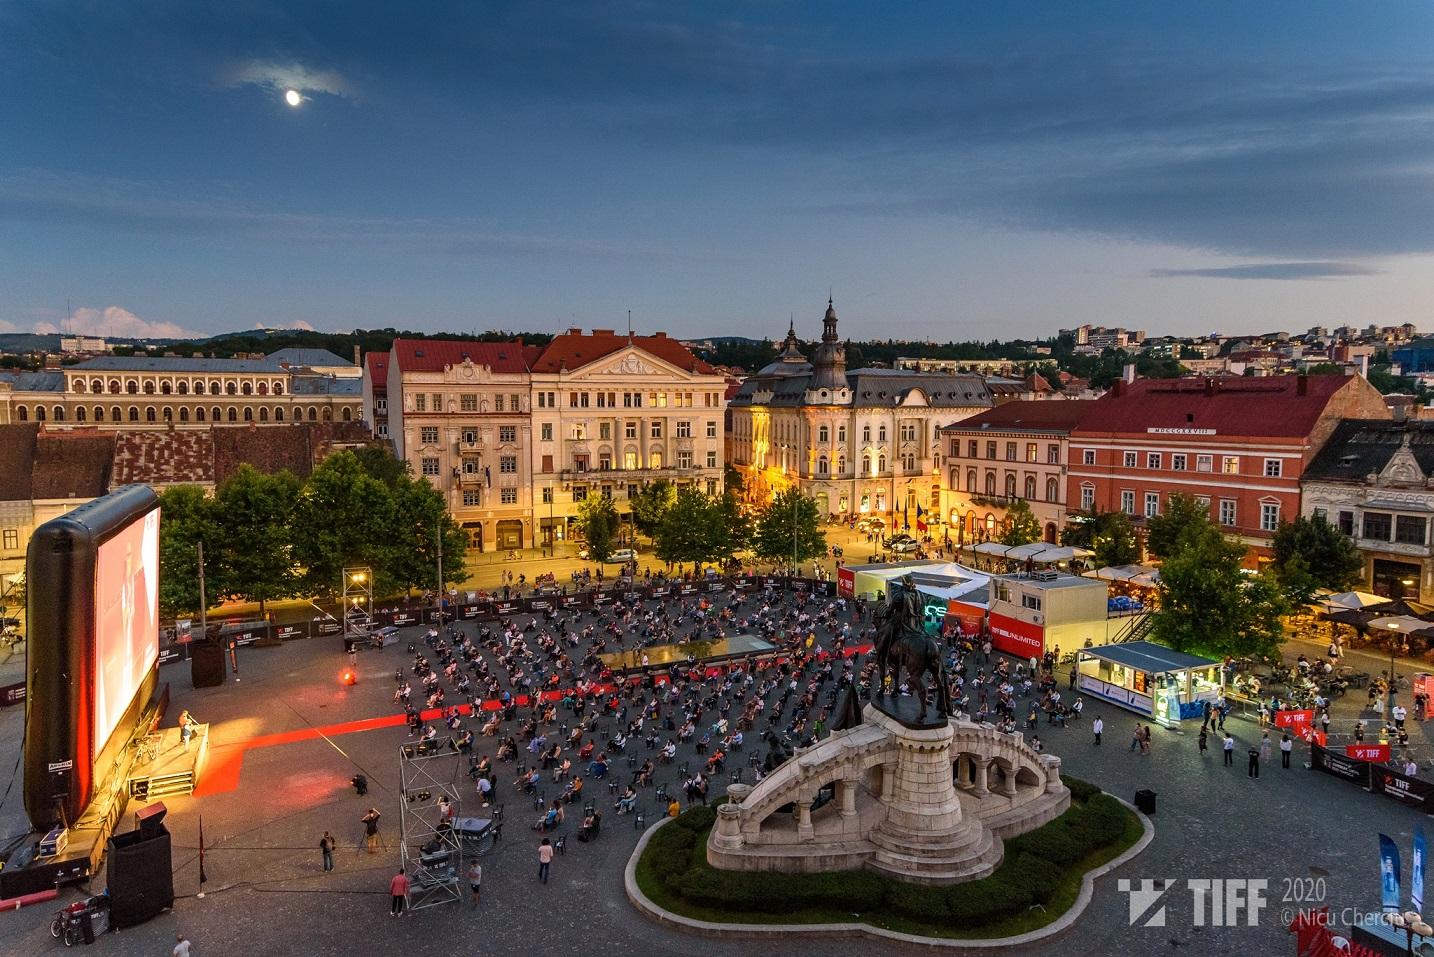 Gala de deschidere TIFF 2020 - Foto Nicu Cherciu